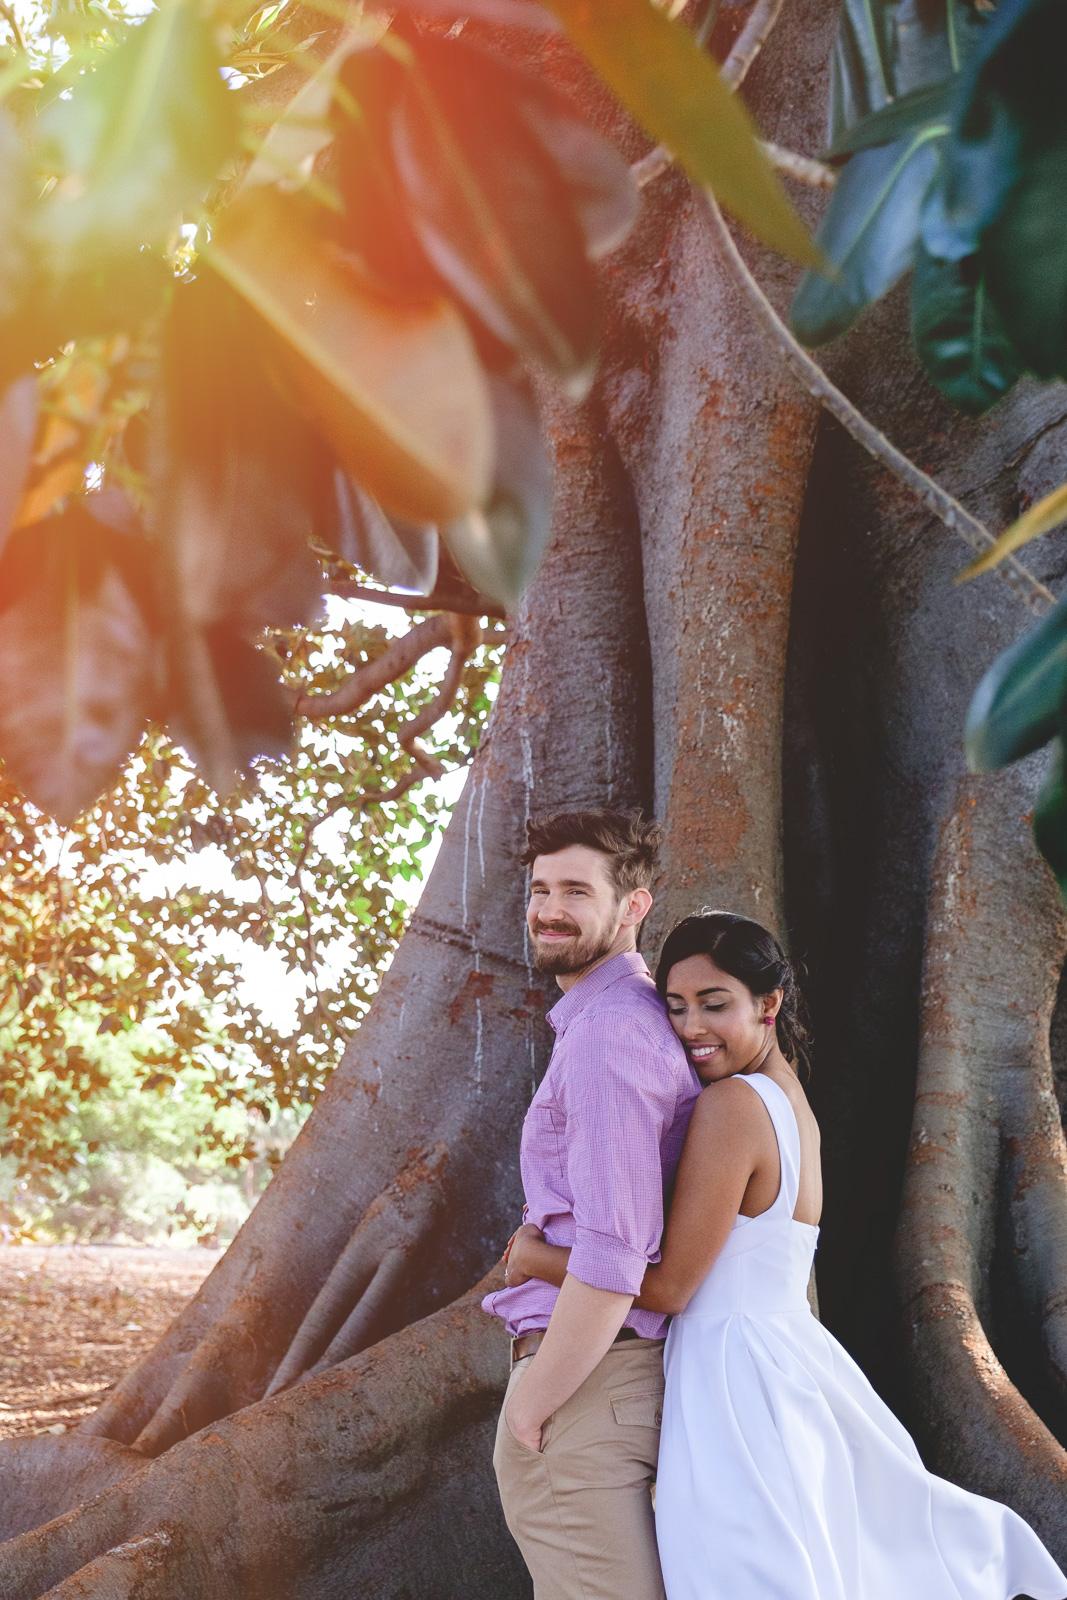 Jubilee-park-Glebe-bride-and-groom-portraits (14).jpg